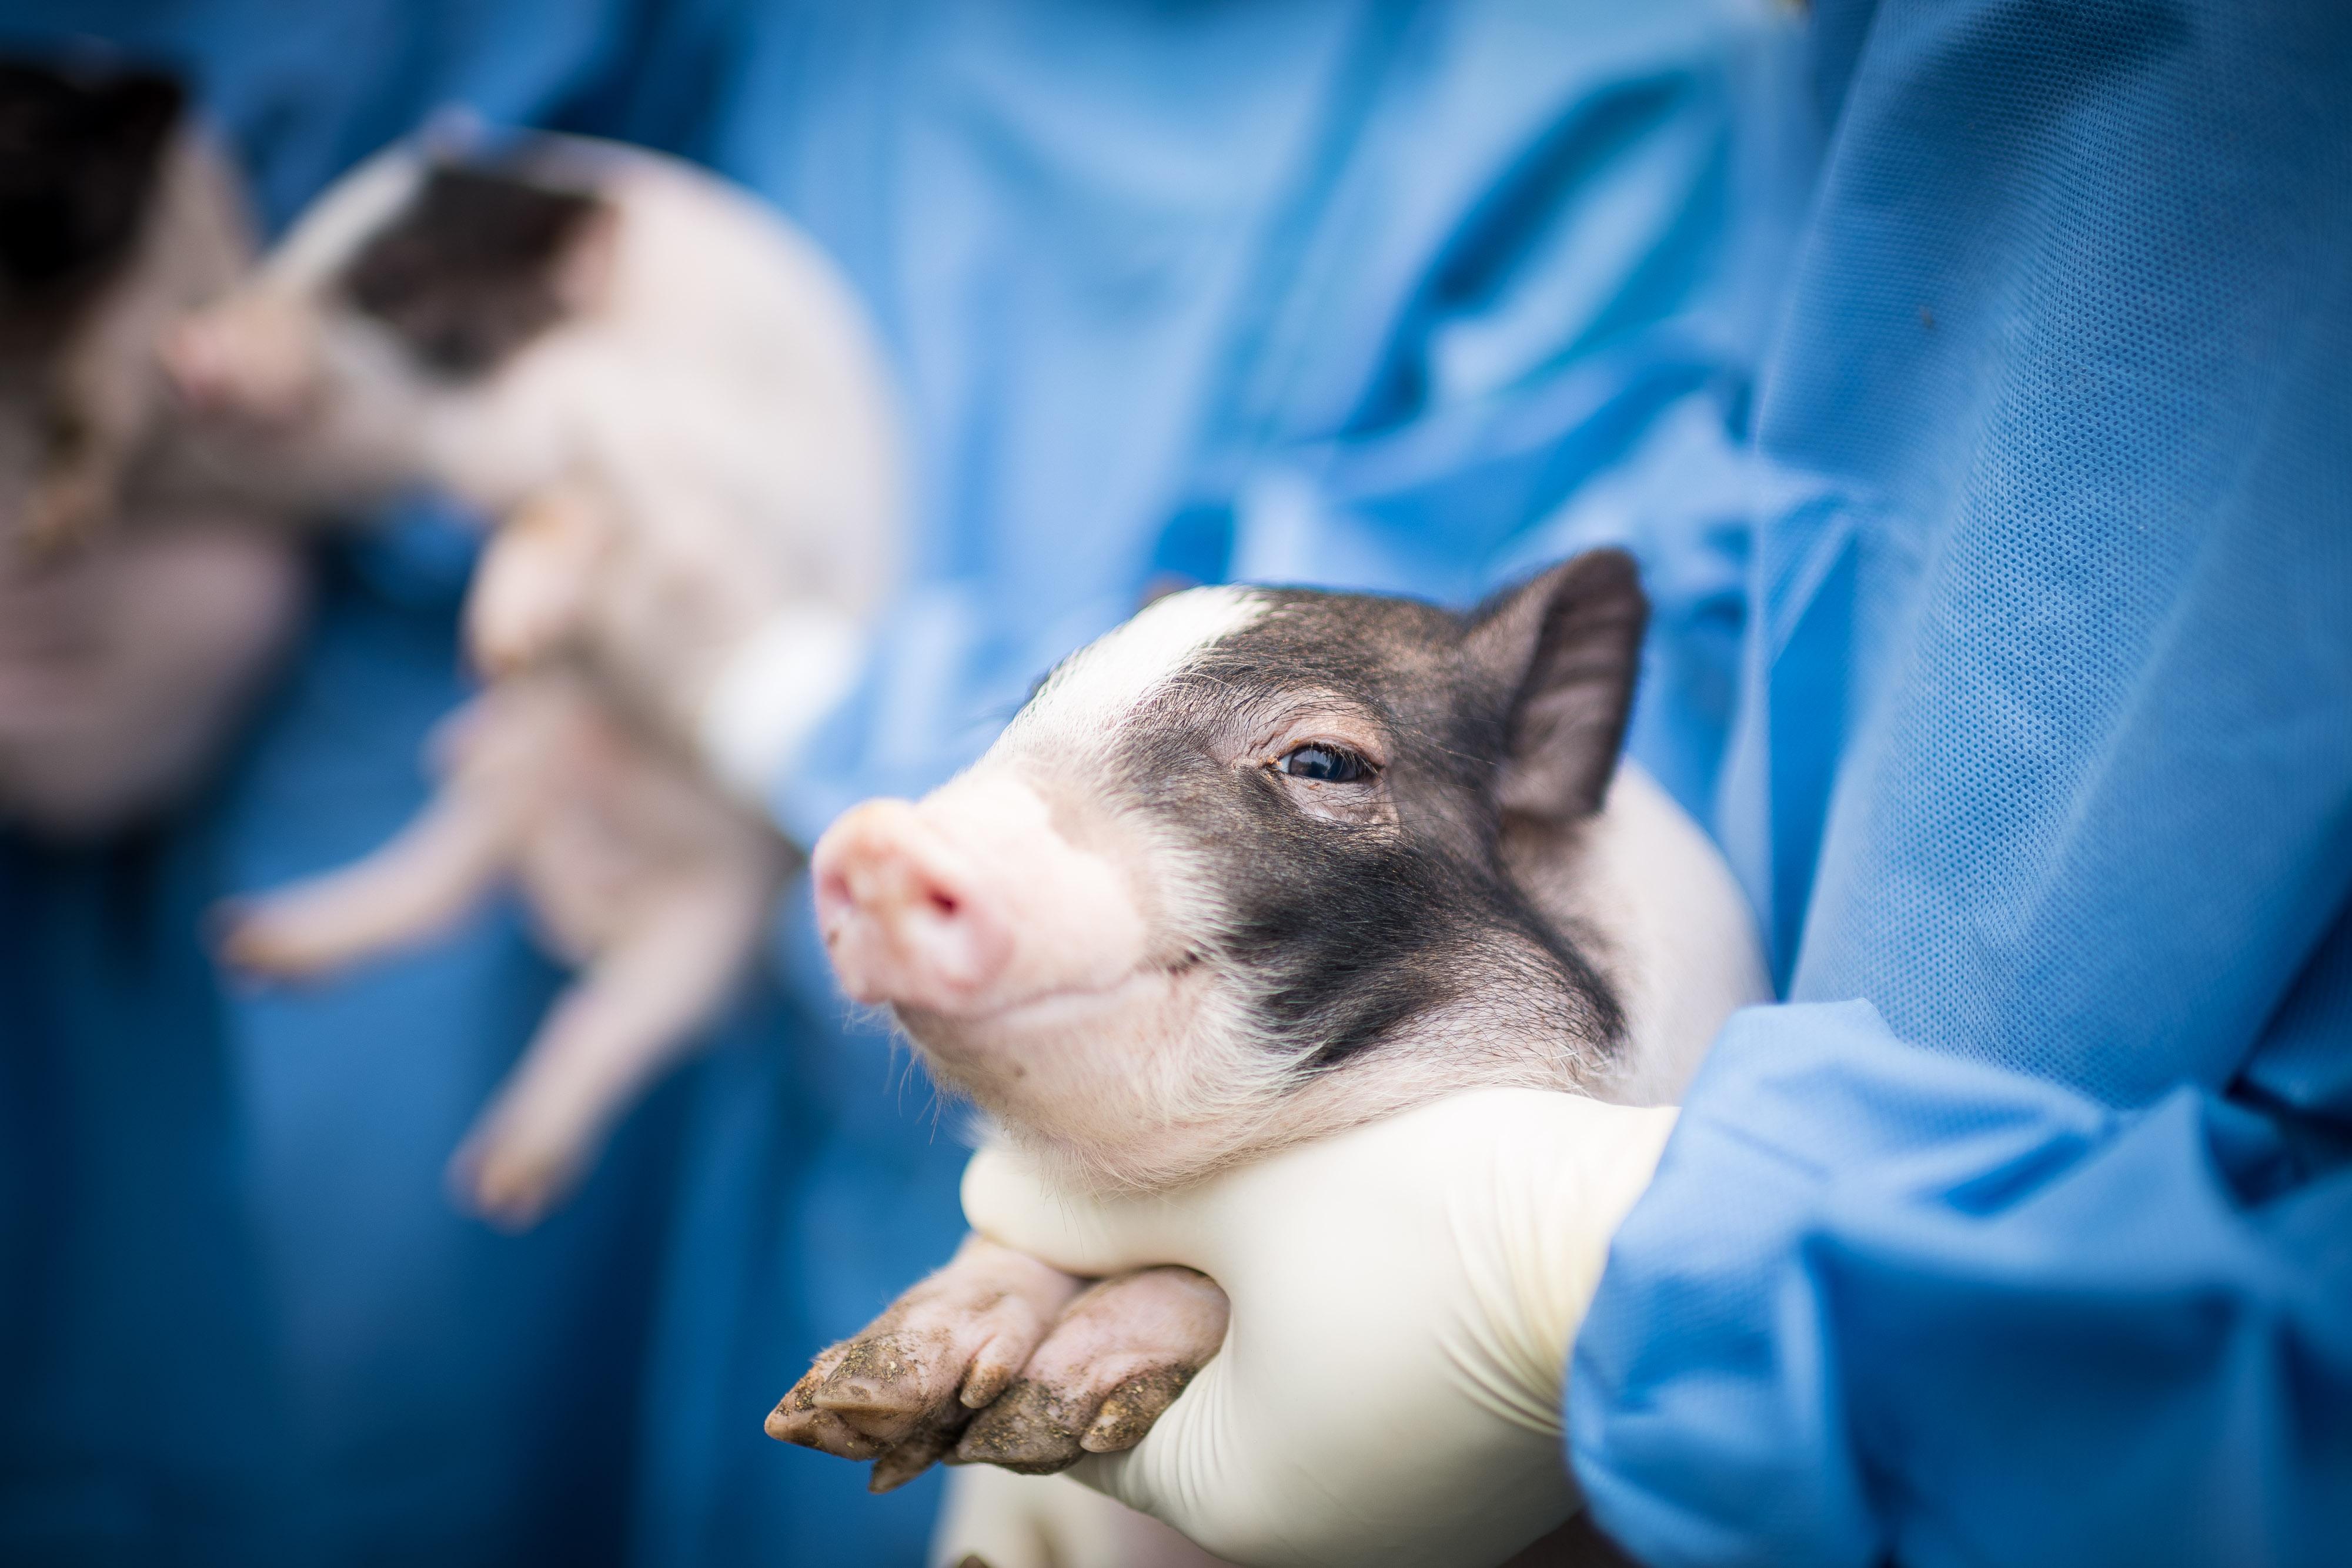 Các nhà khoa học Trung Quốc đã tạo ra những con lợn mi ni để phục vụ nghiên cứu khoa học từ năm 2015.Nguồn: Nature